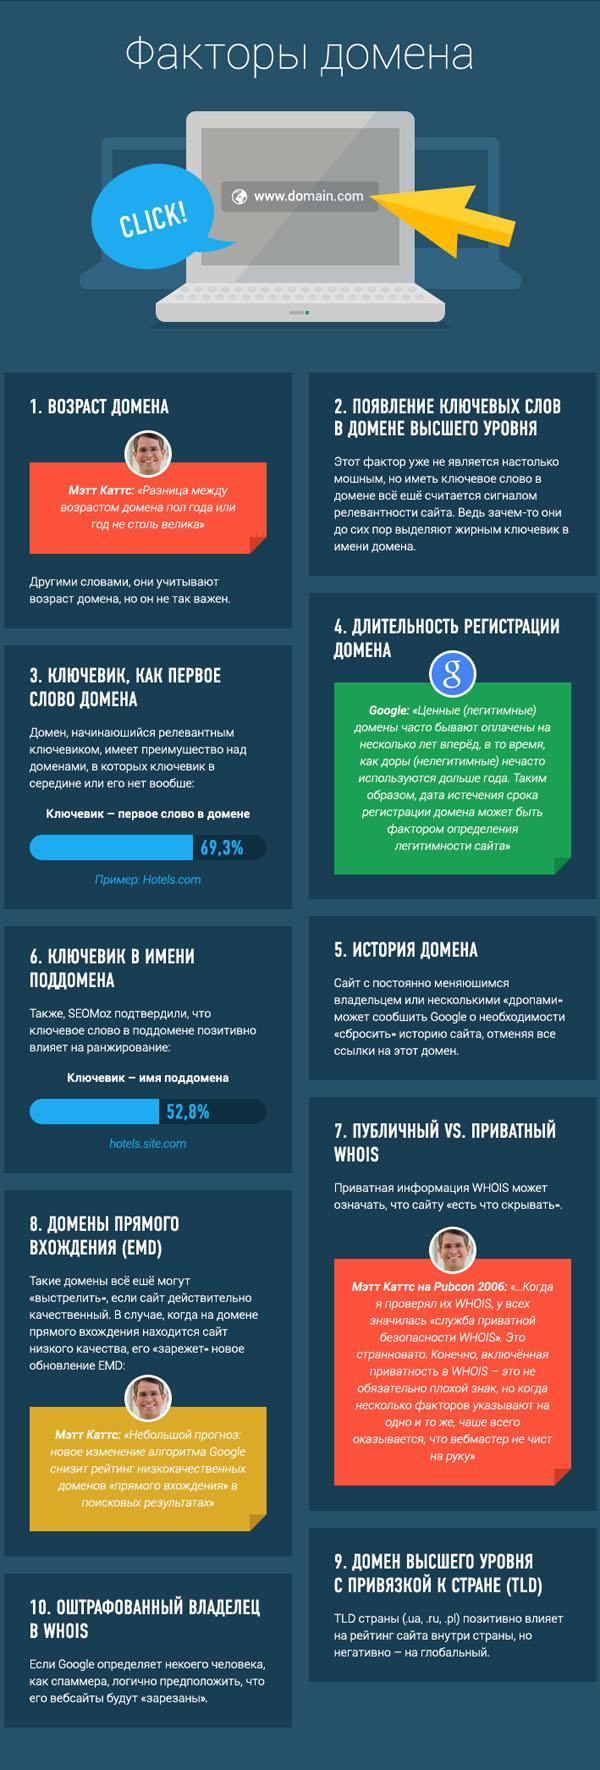 200-faktorov-ranzhirovaniya-google-02